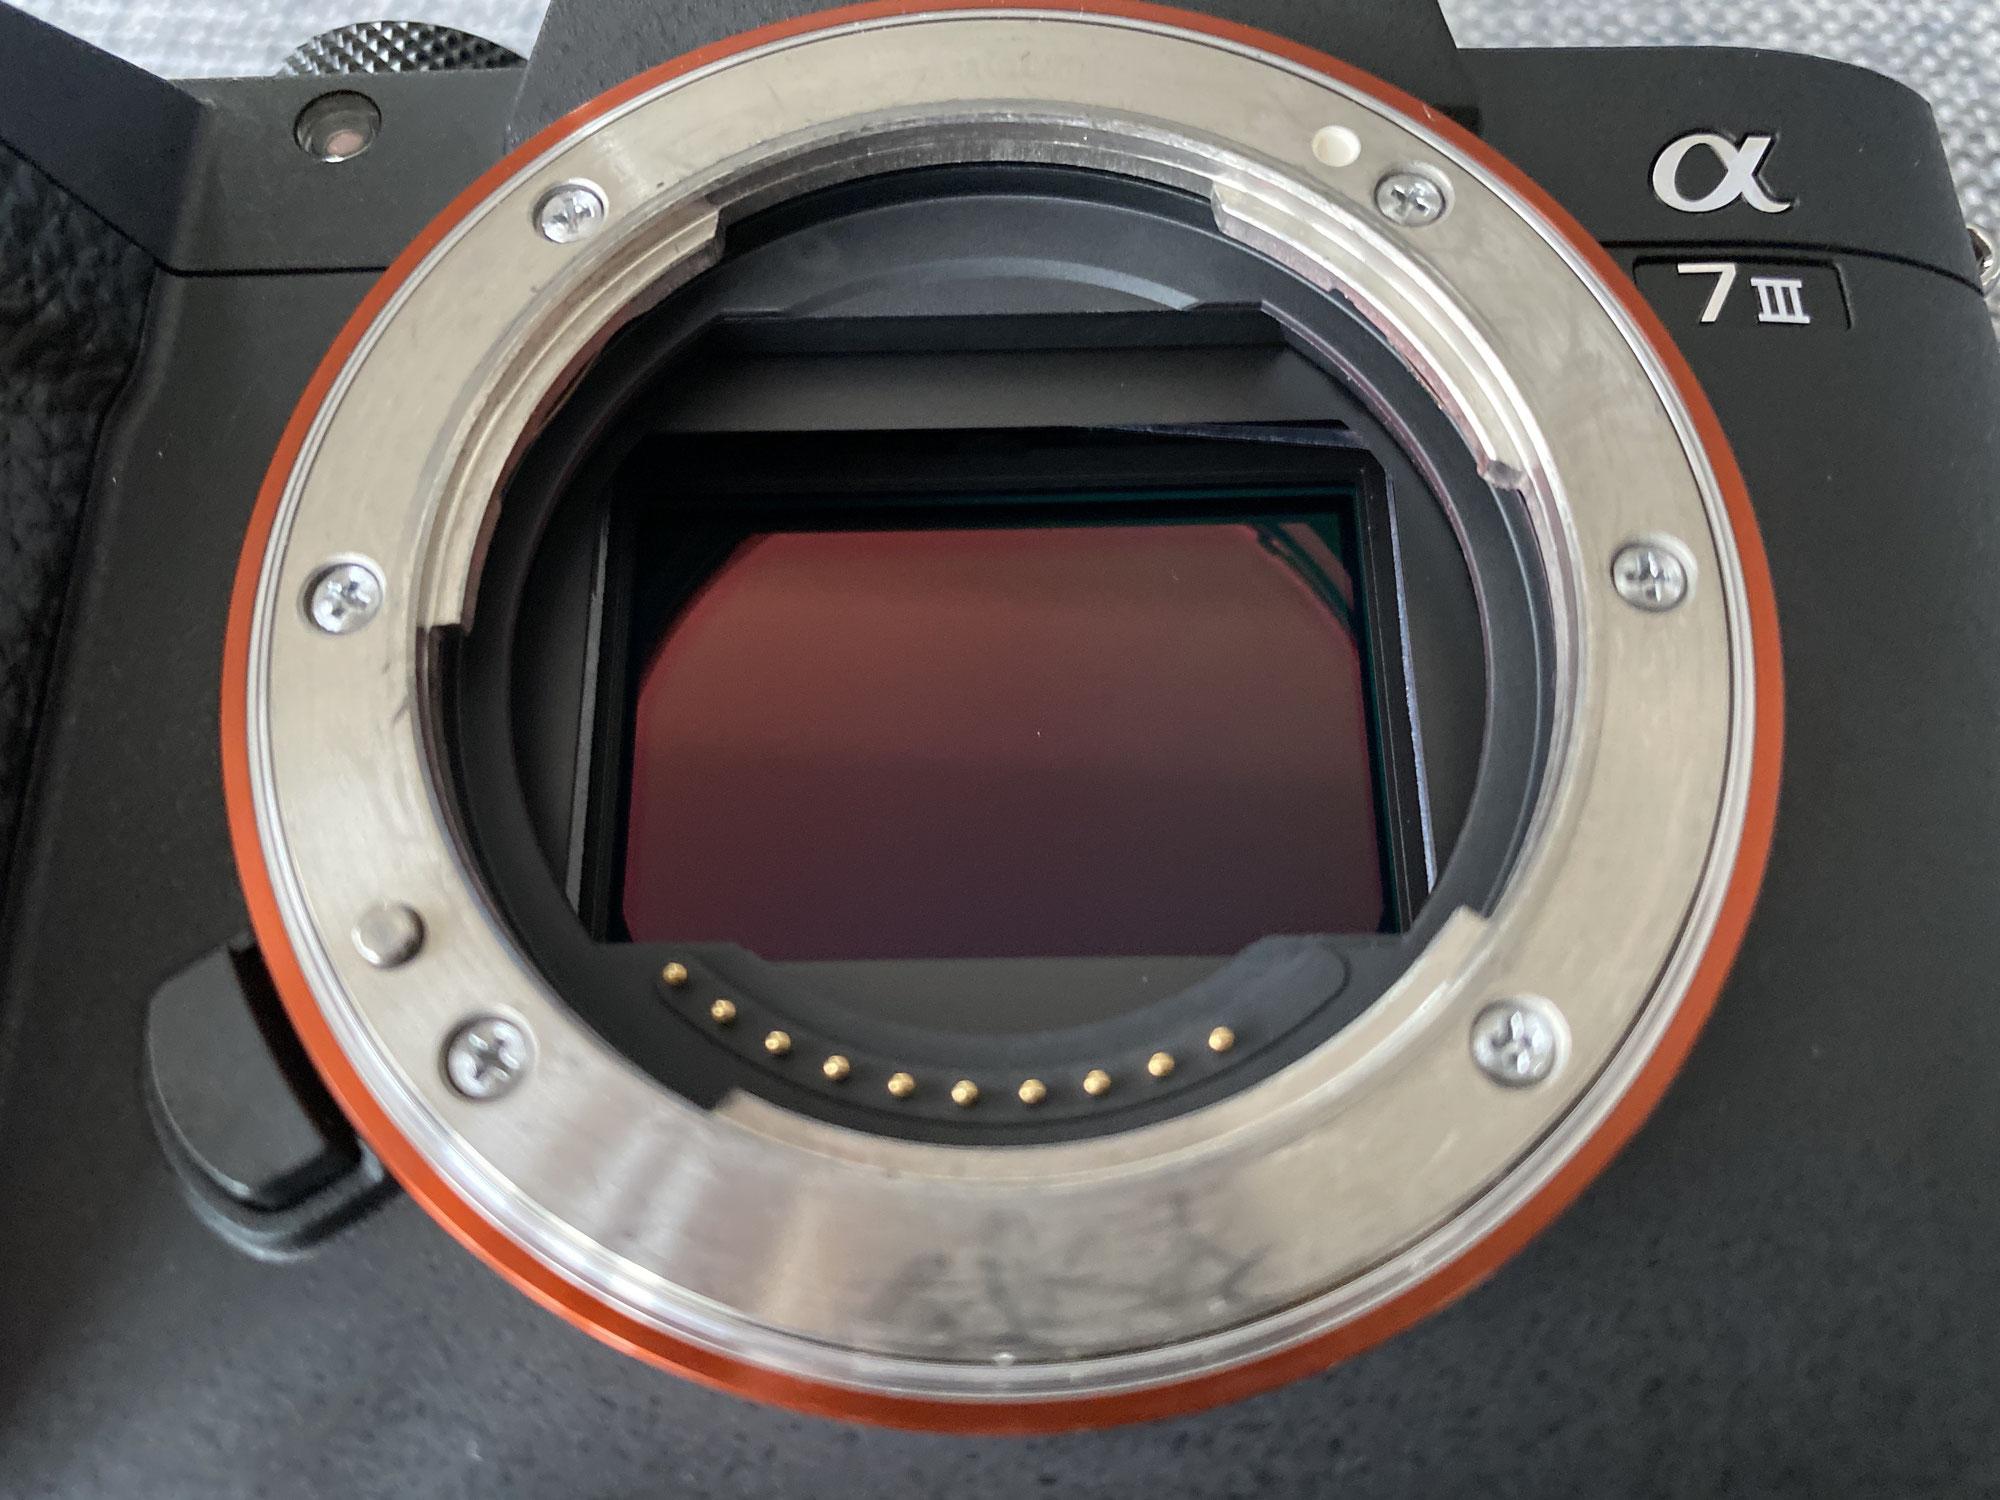 Kameratyp: Spiegelreflex vs. spiegellose Systemkamera